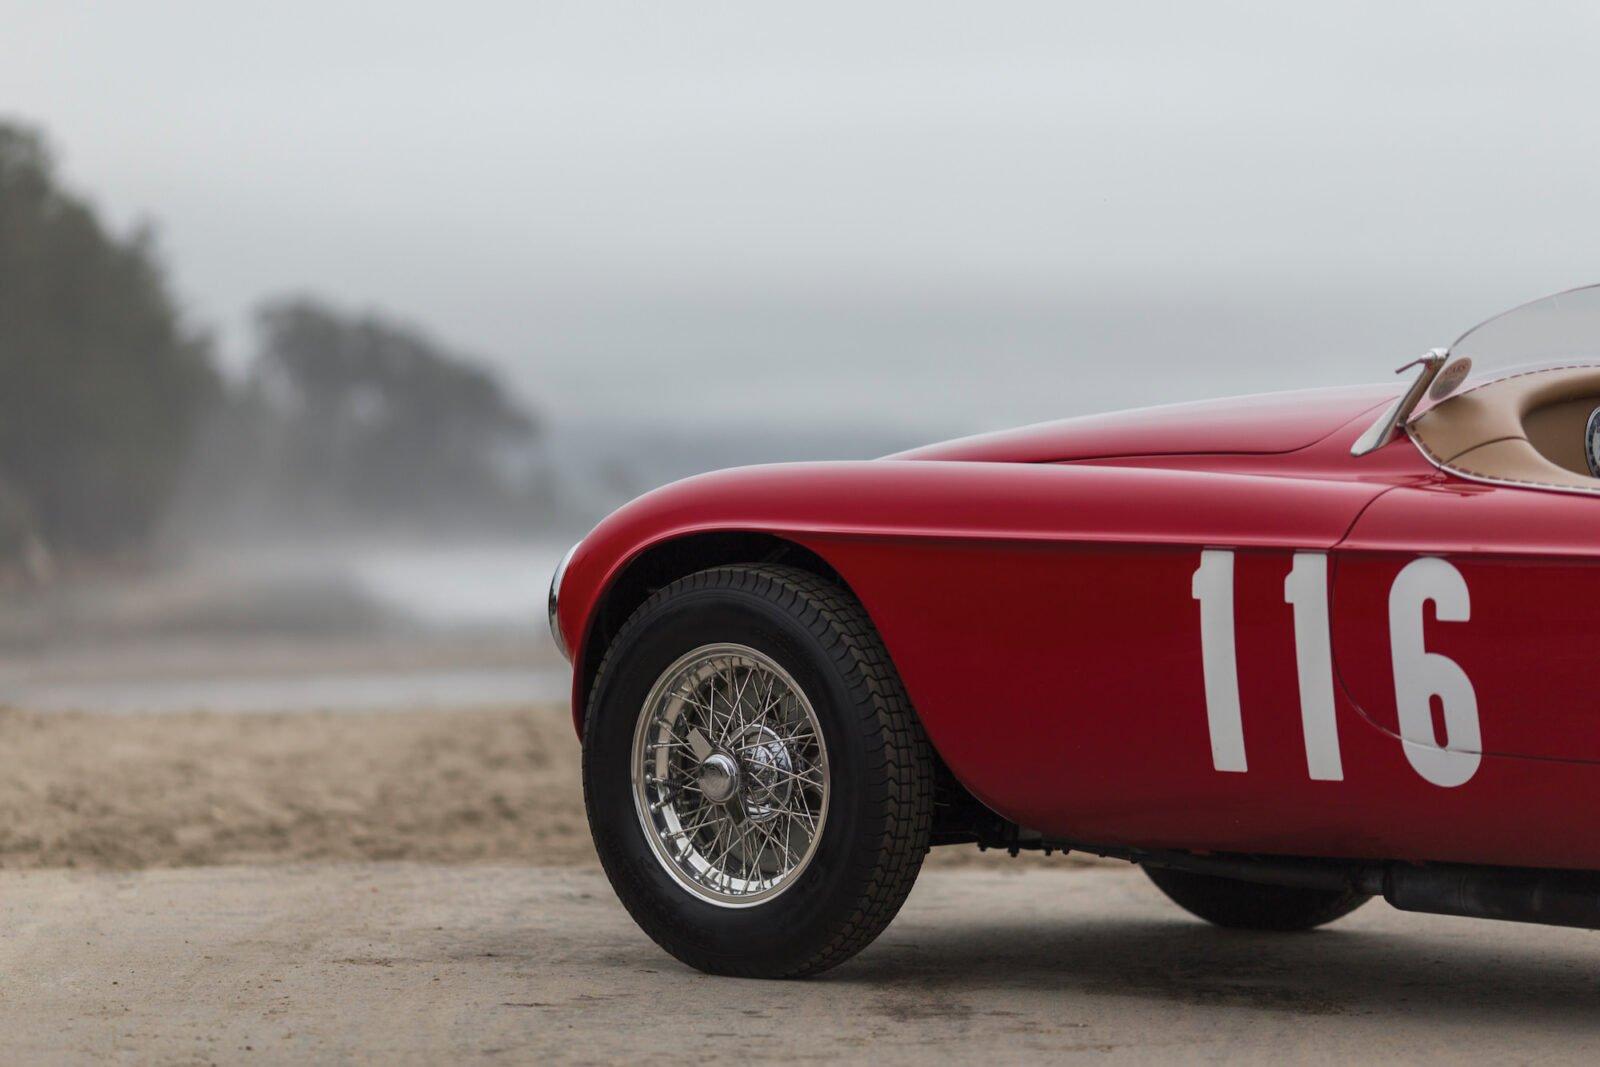 Ferrari 166 MM 16 1600x1067 - Ferrari 166 MM Barchetta